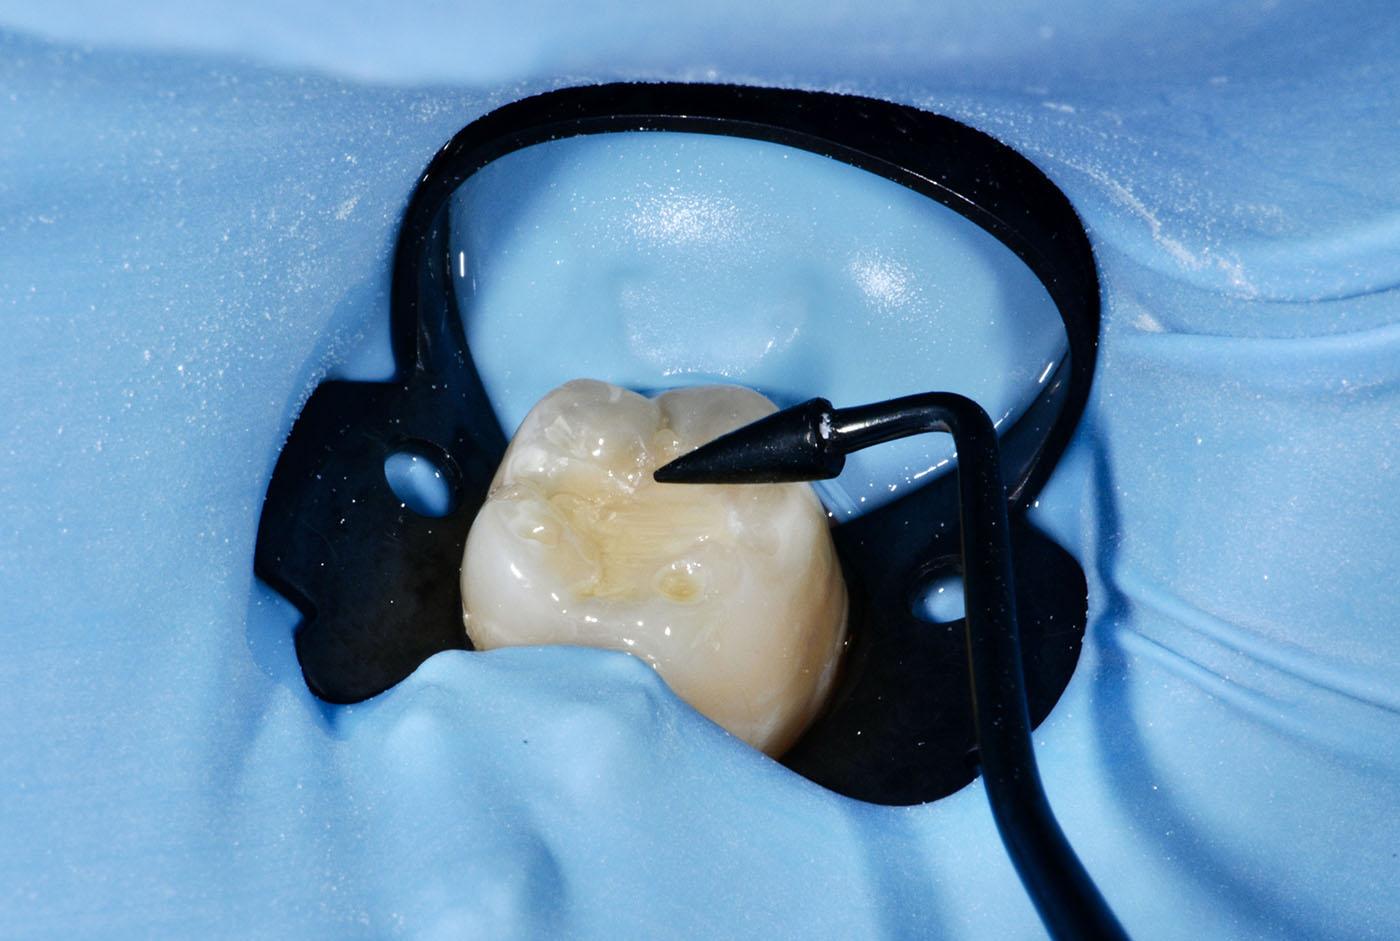 algemene tandheelkunde - tandvullingen - wortelkanaalbehandeling